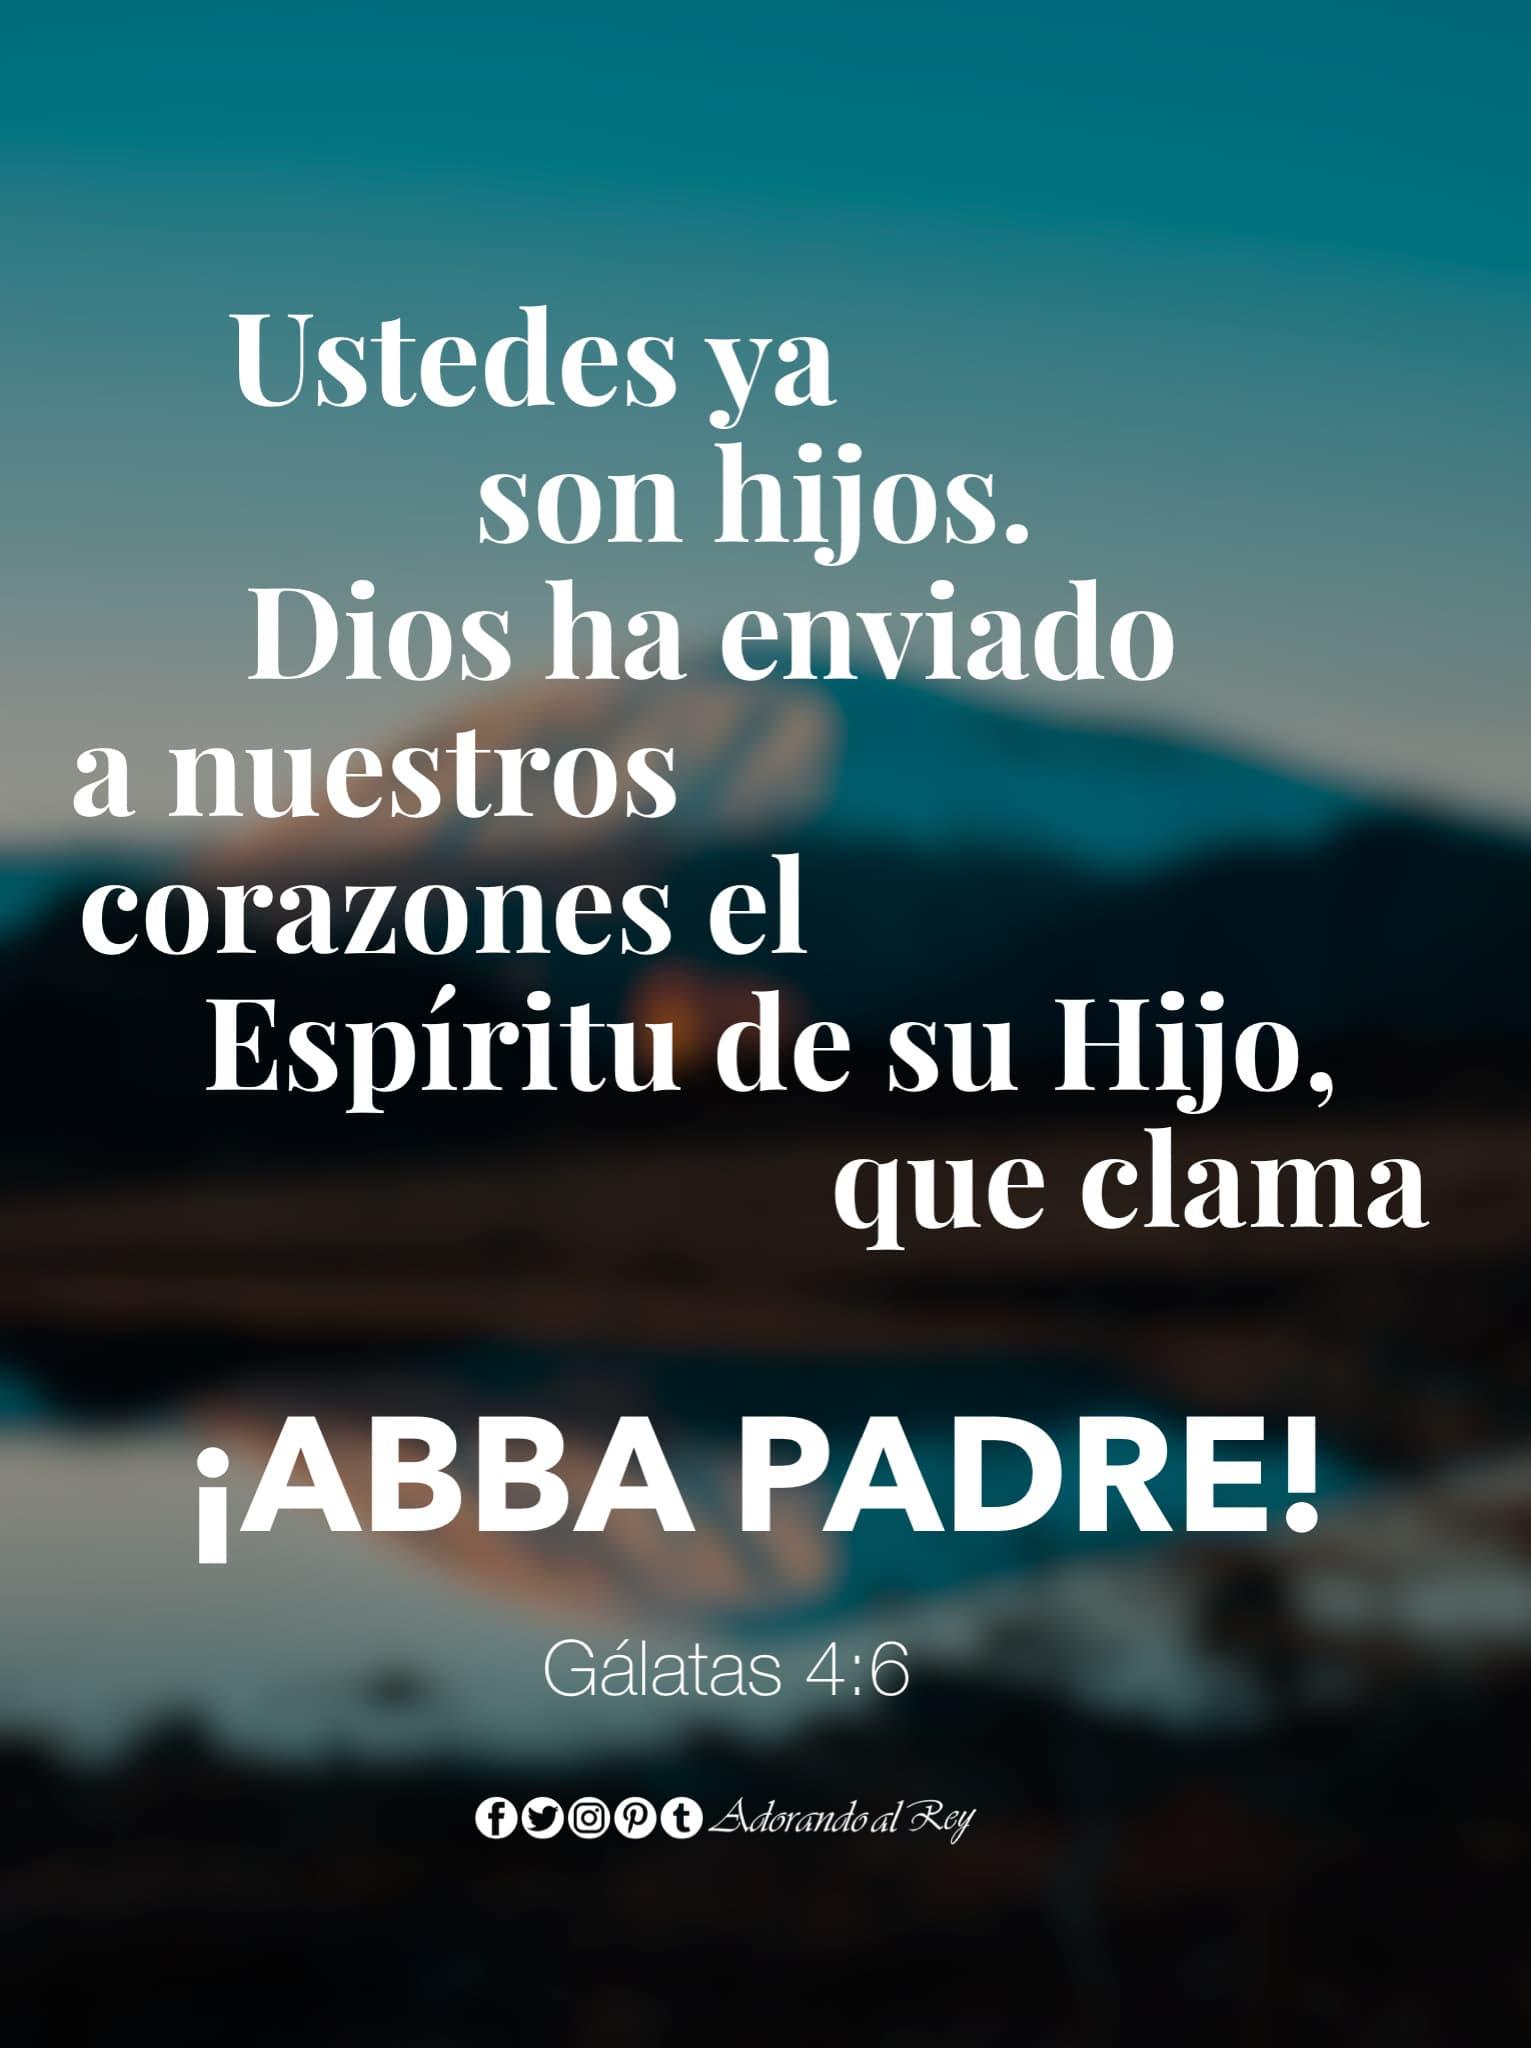 Gálatas 4:6